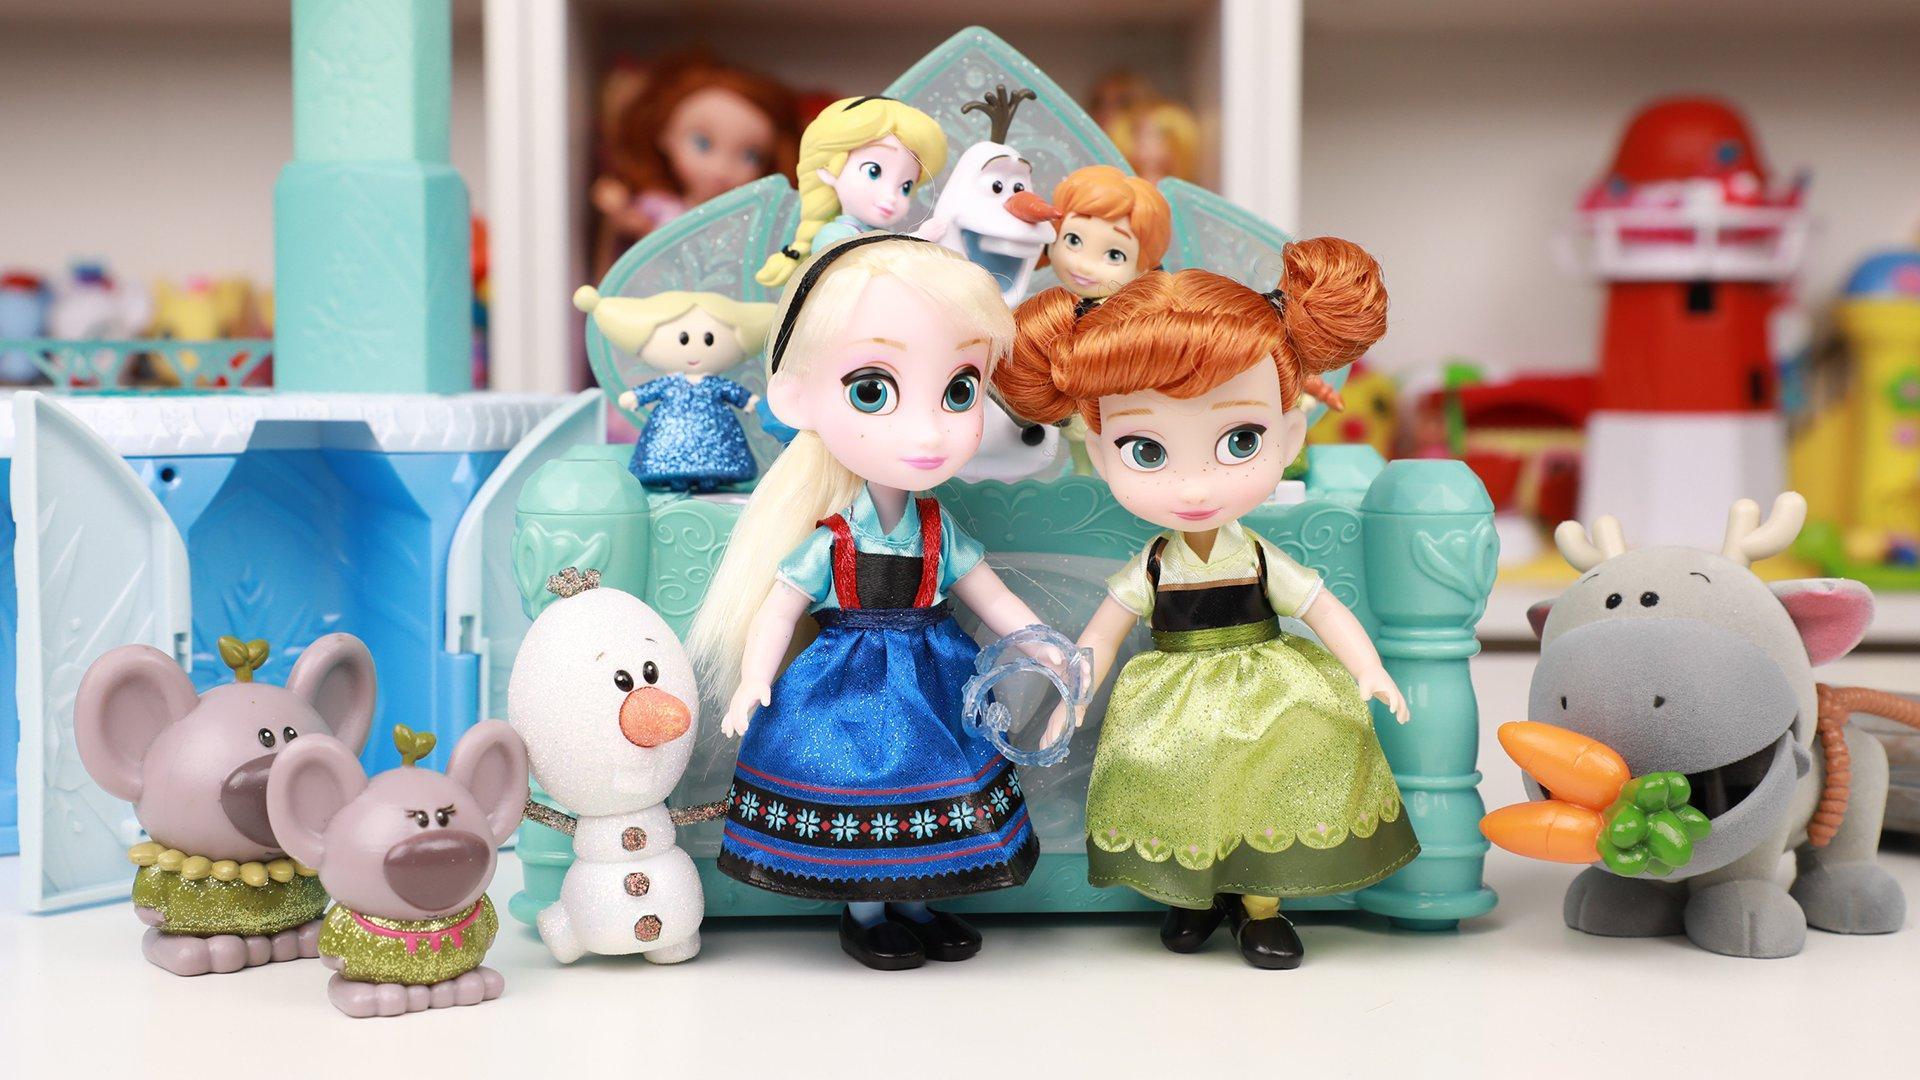 冰雪奇缘安娜公主冰雪城堡寻艾莎女王 迪士尼动画大师q版玩具分享